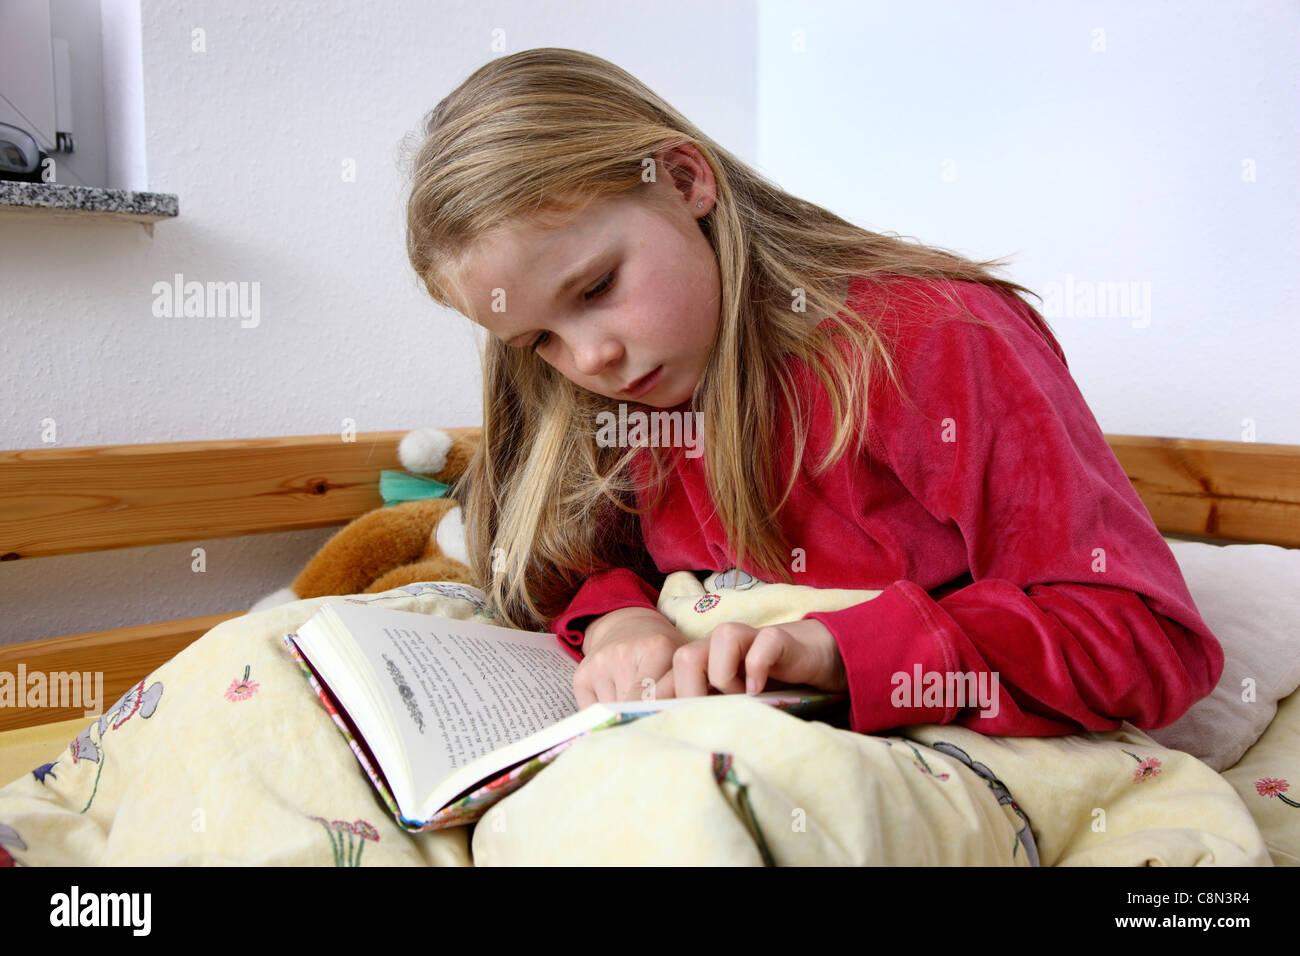 Jeune Fille 10 Ans Lire Un Livre Dans Son Lit Banque D